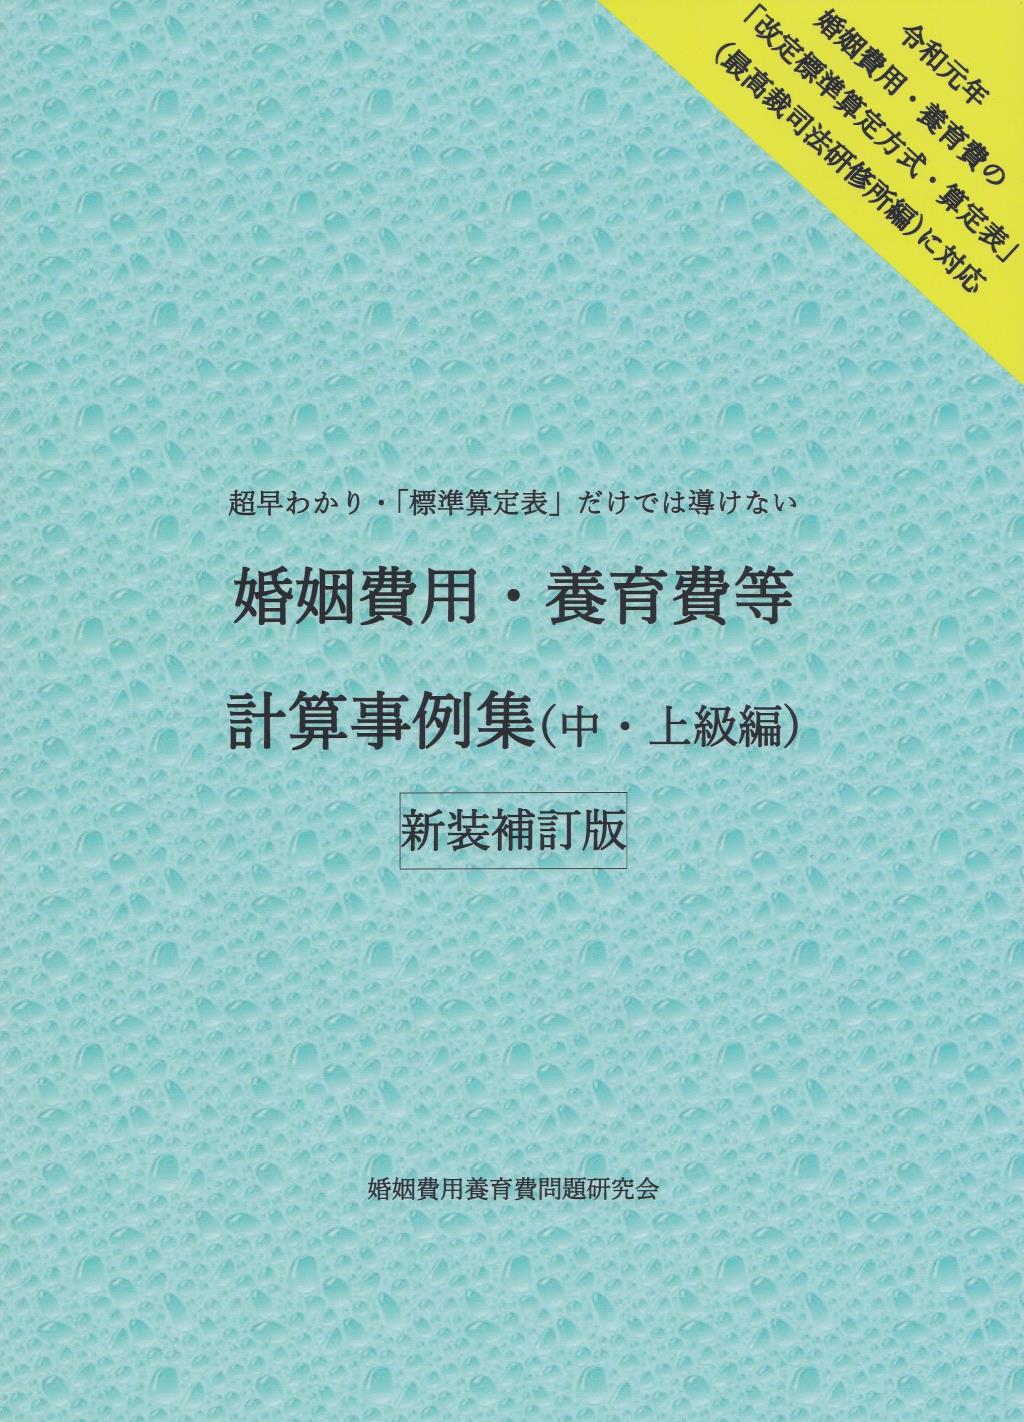 婚姻費用・養育費等計算事例集(中・上級編) 新装補訂版